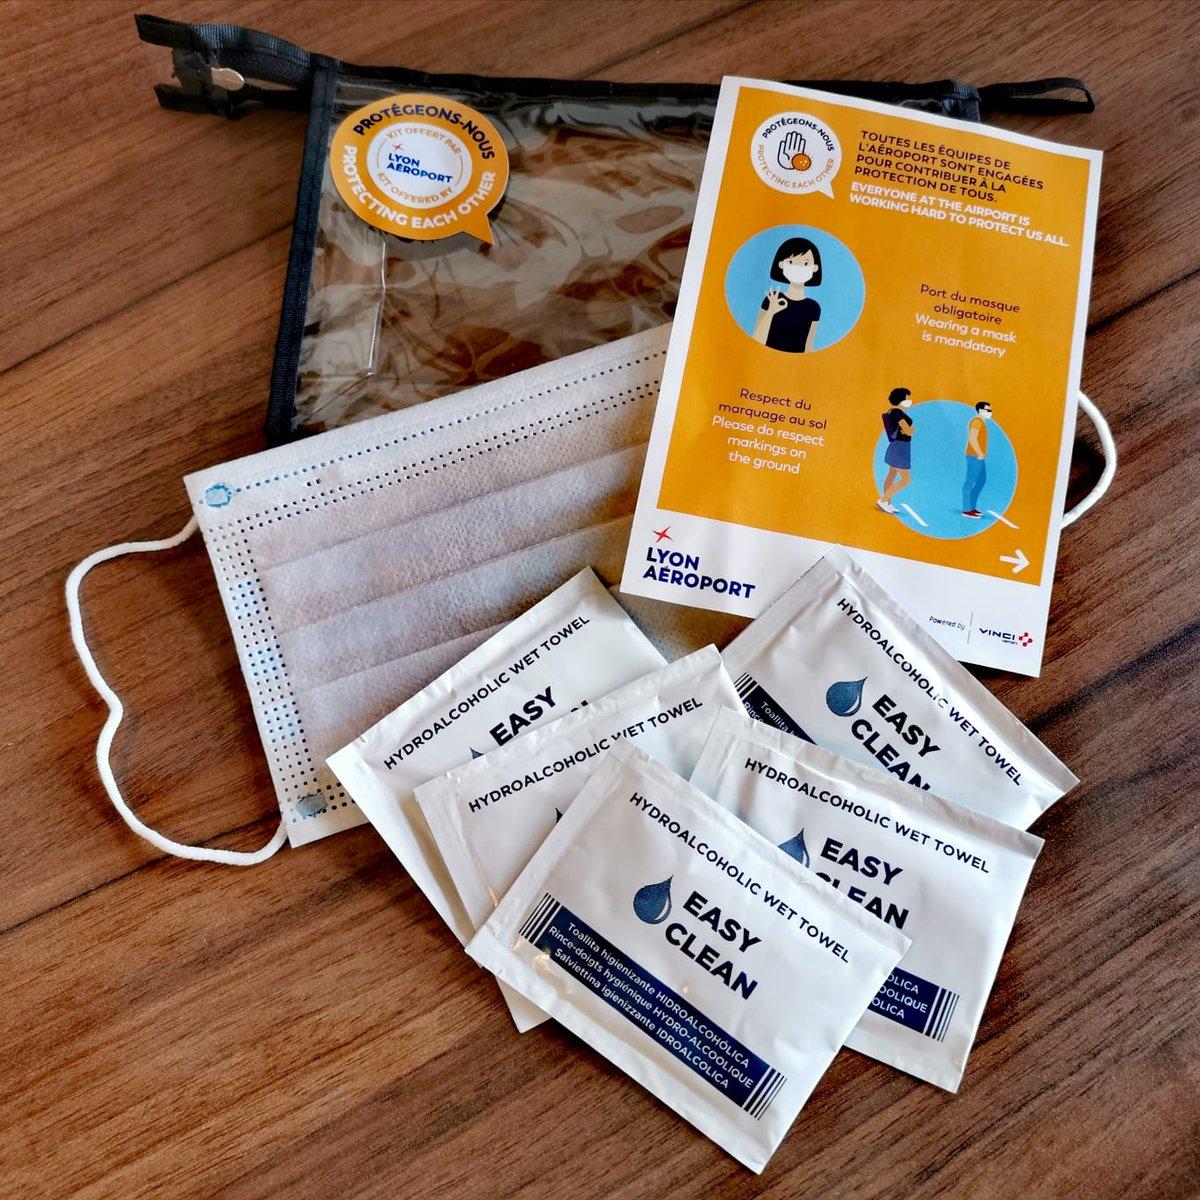 Lyon Aéroport met à disposition 5000 kits de protection contenant masque et lingettes désinfectantes aux passagers. #vinciairports #flyfromlyon Plus d'info sur les mesures sanitaires : https://t.co/nKwDVjjGsm https://t.co/1UVKYHJyJY